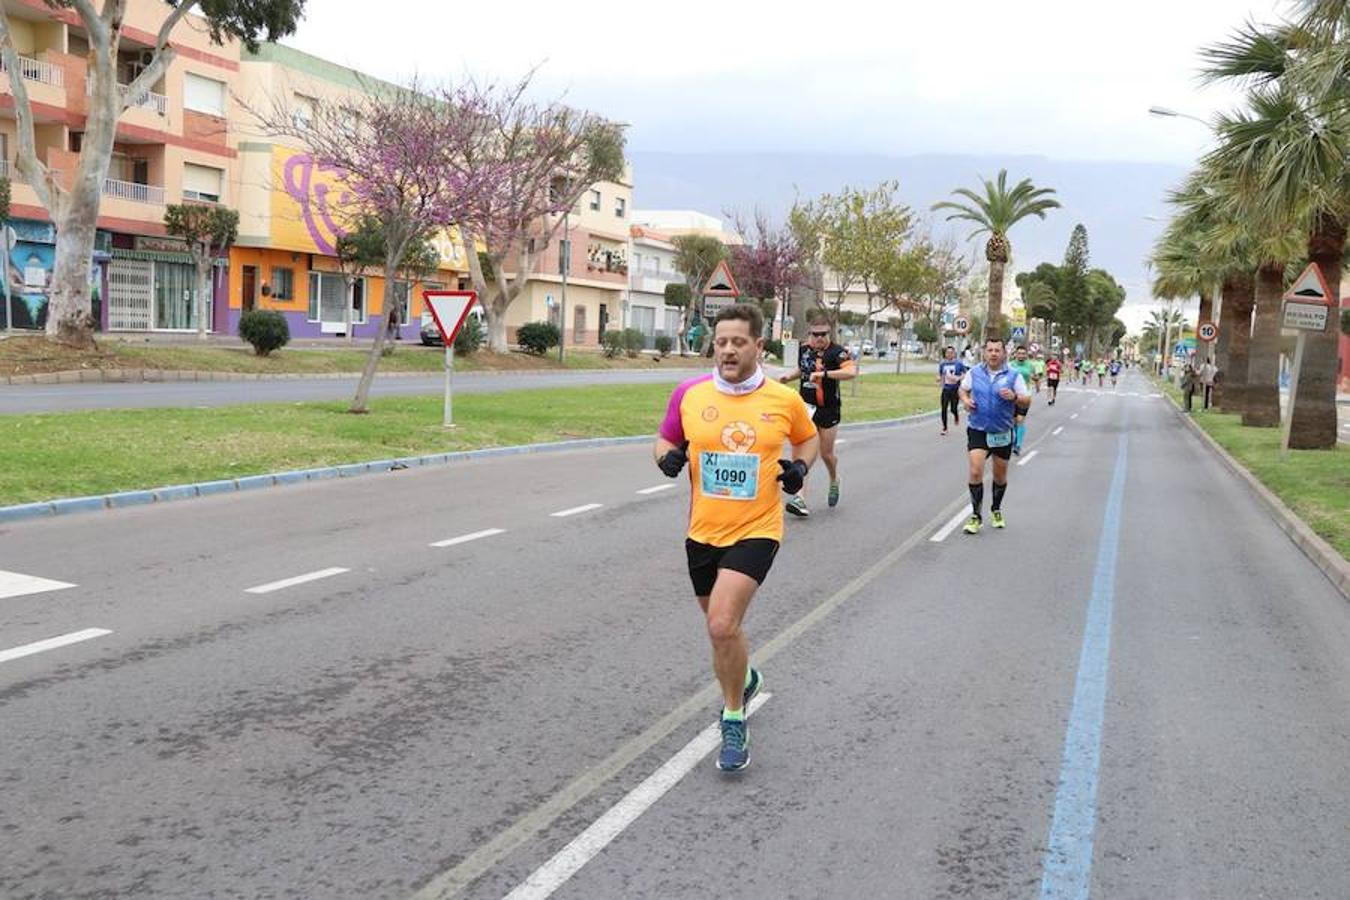 Cerca de 1.000 atletas se calzan las zapatillas en la XI Media Maratón Ciudad de las Hortalizas